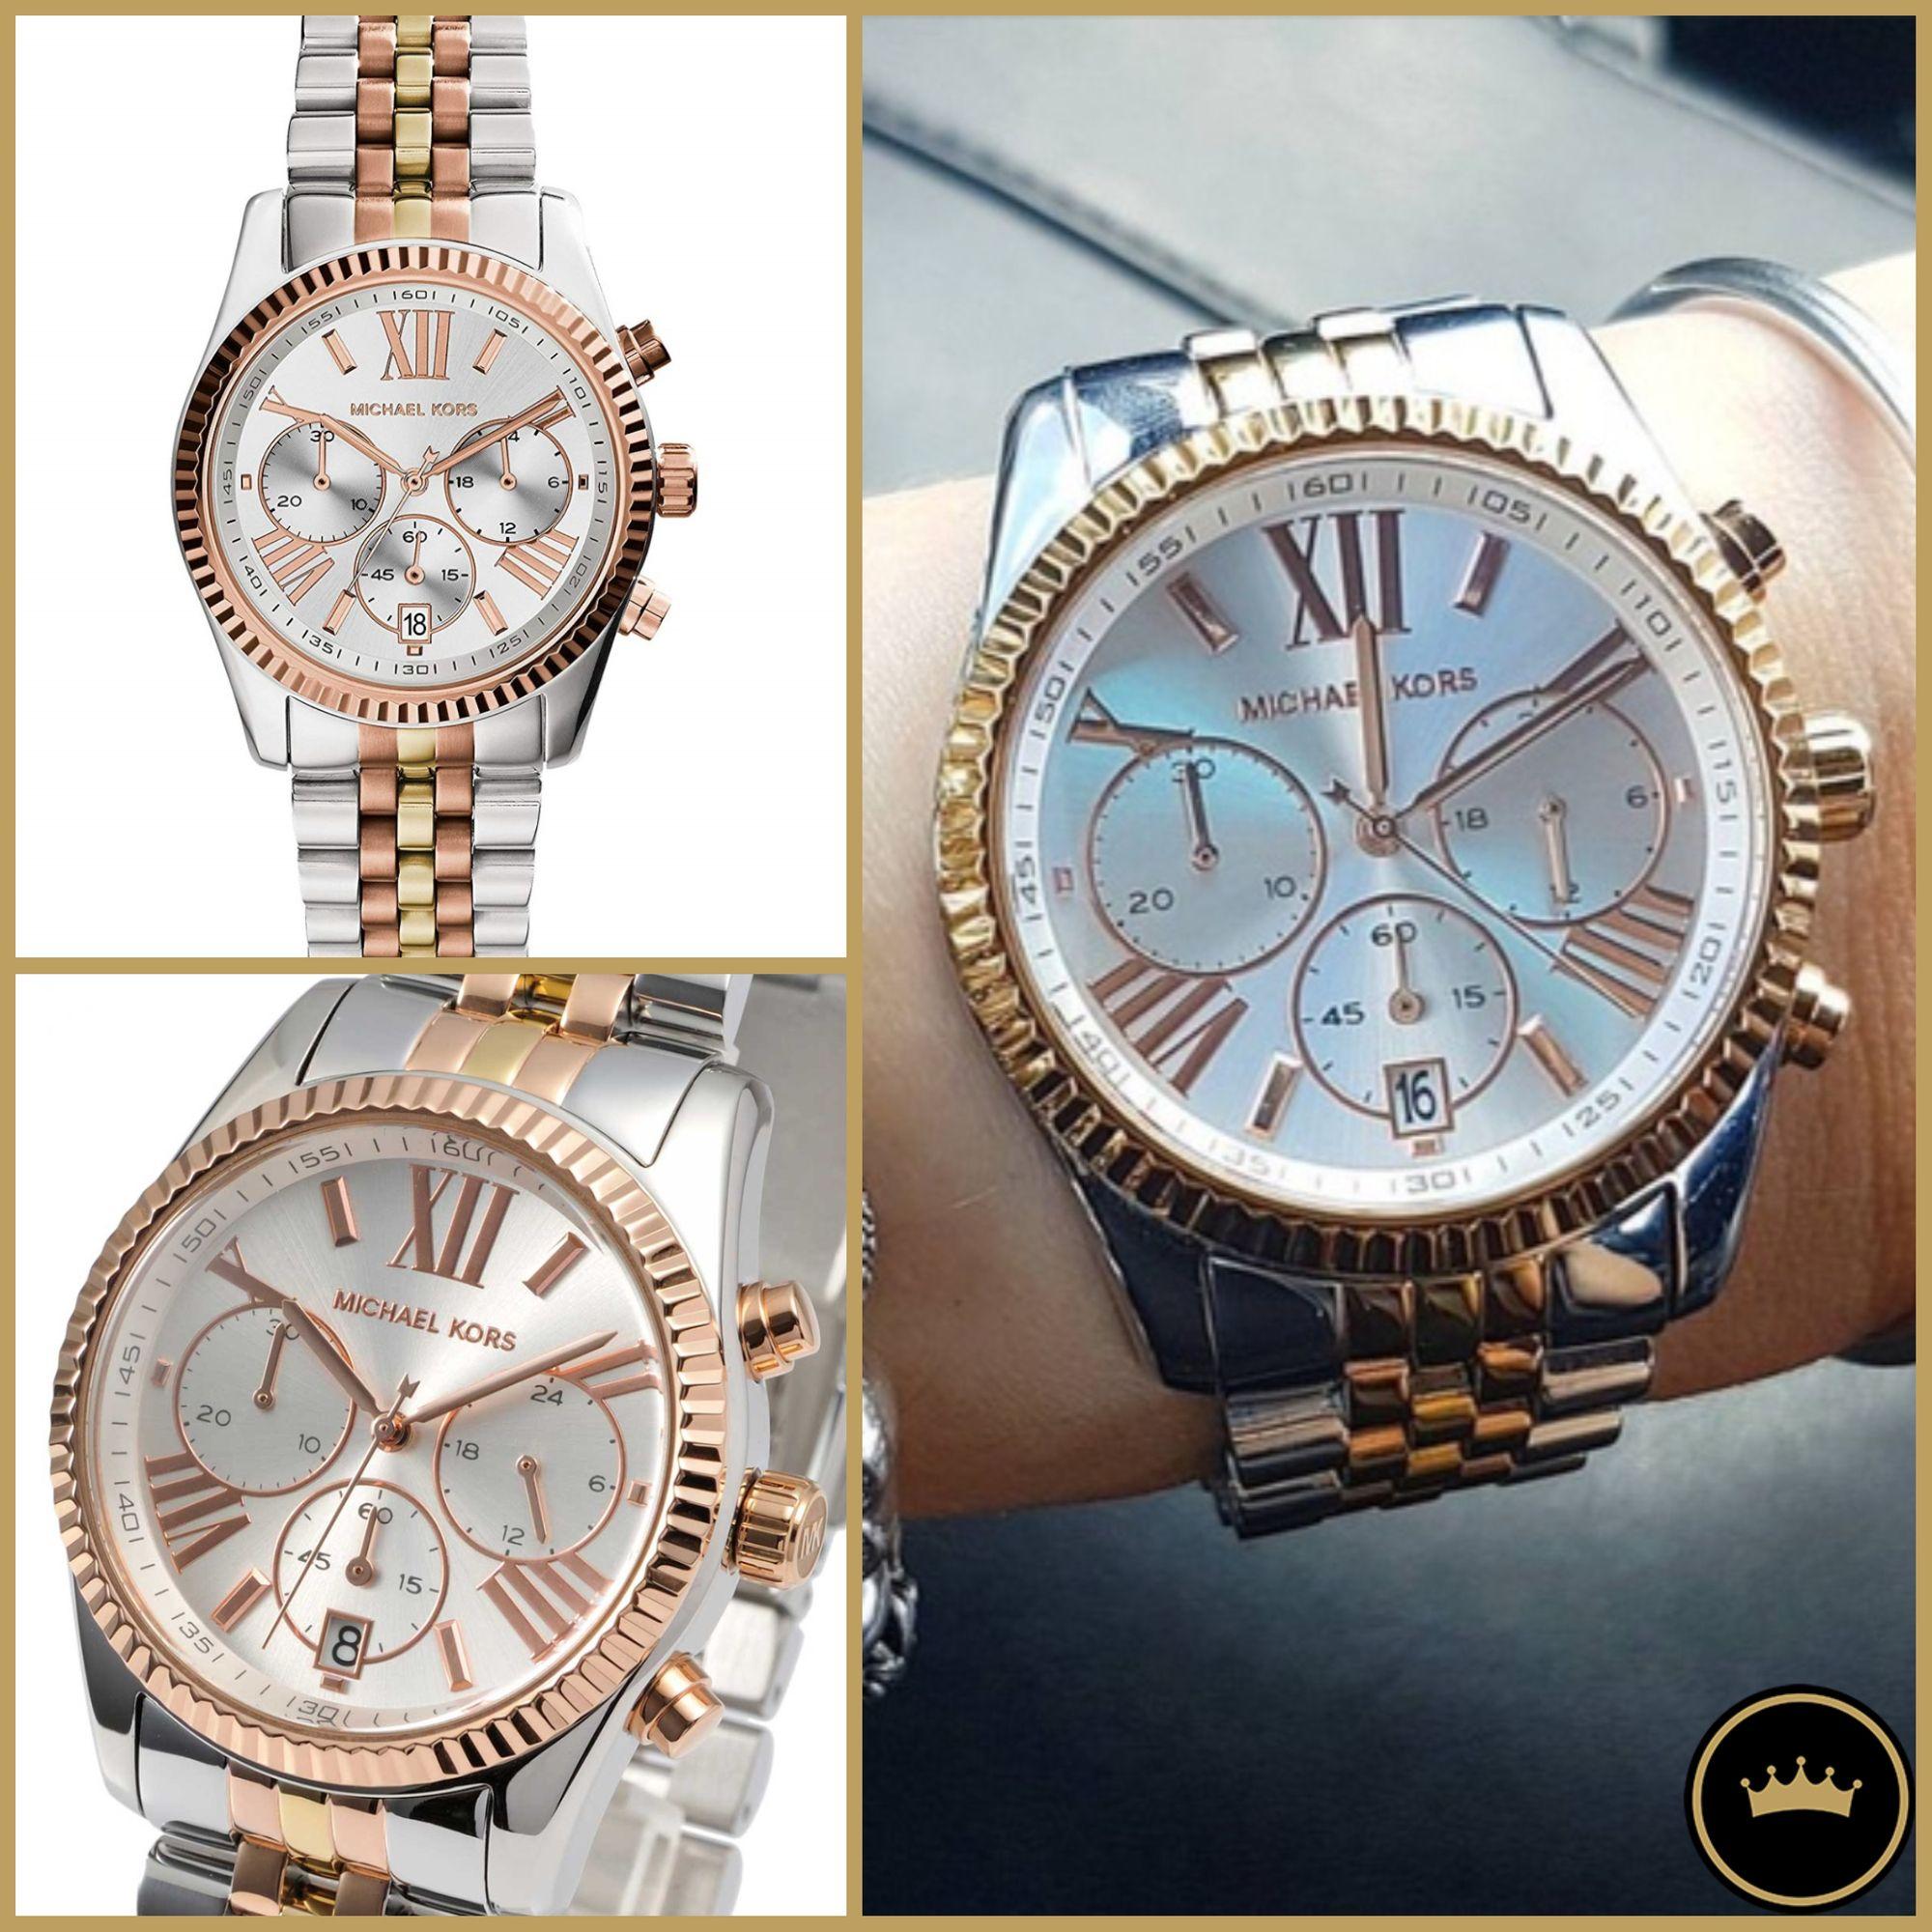 ساعة مايكل كورس كرونغراف بسوار ستانلس ستيل بثلاث ألوان فضي وذهبي وبرونزي Mk5735 أطلب الآن واحصل على هدية فورية فقط 499 Michael Kors Leather Silver Gold Watch